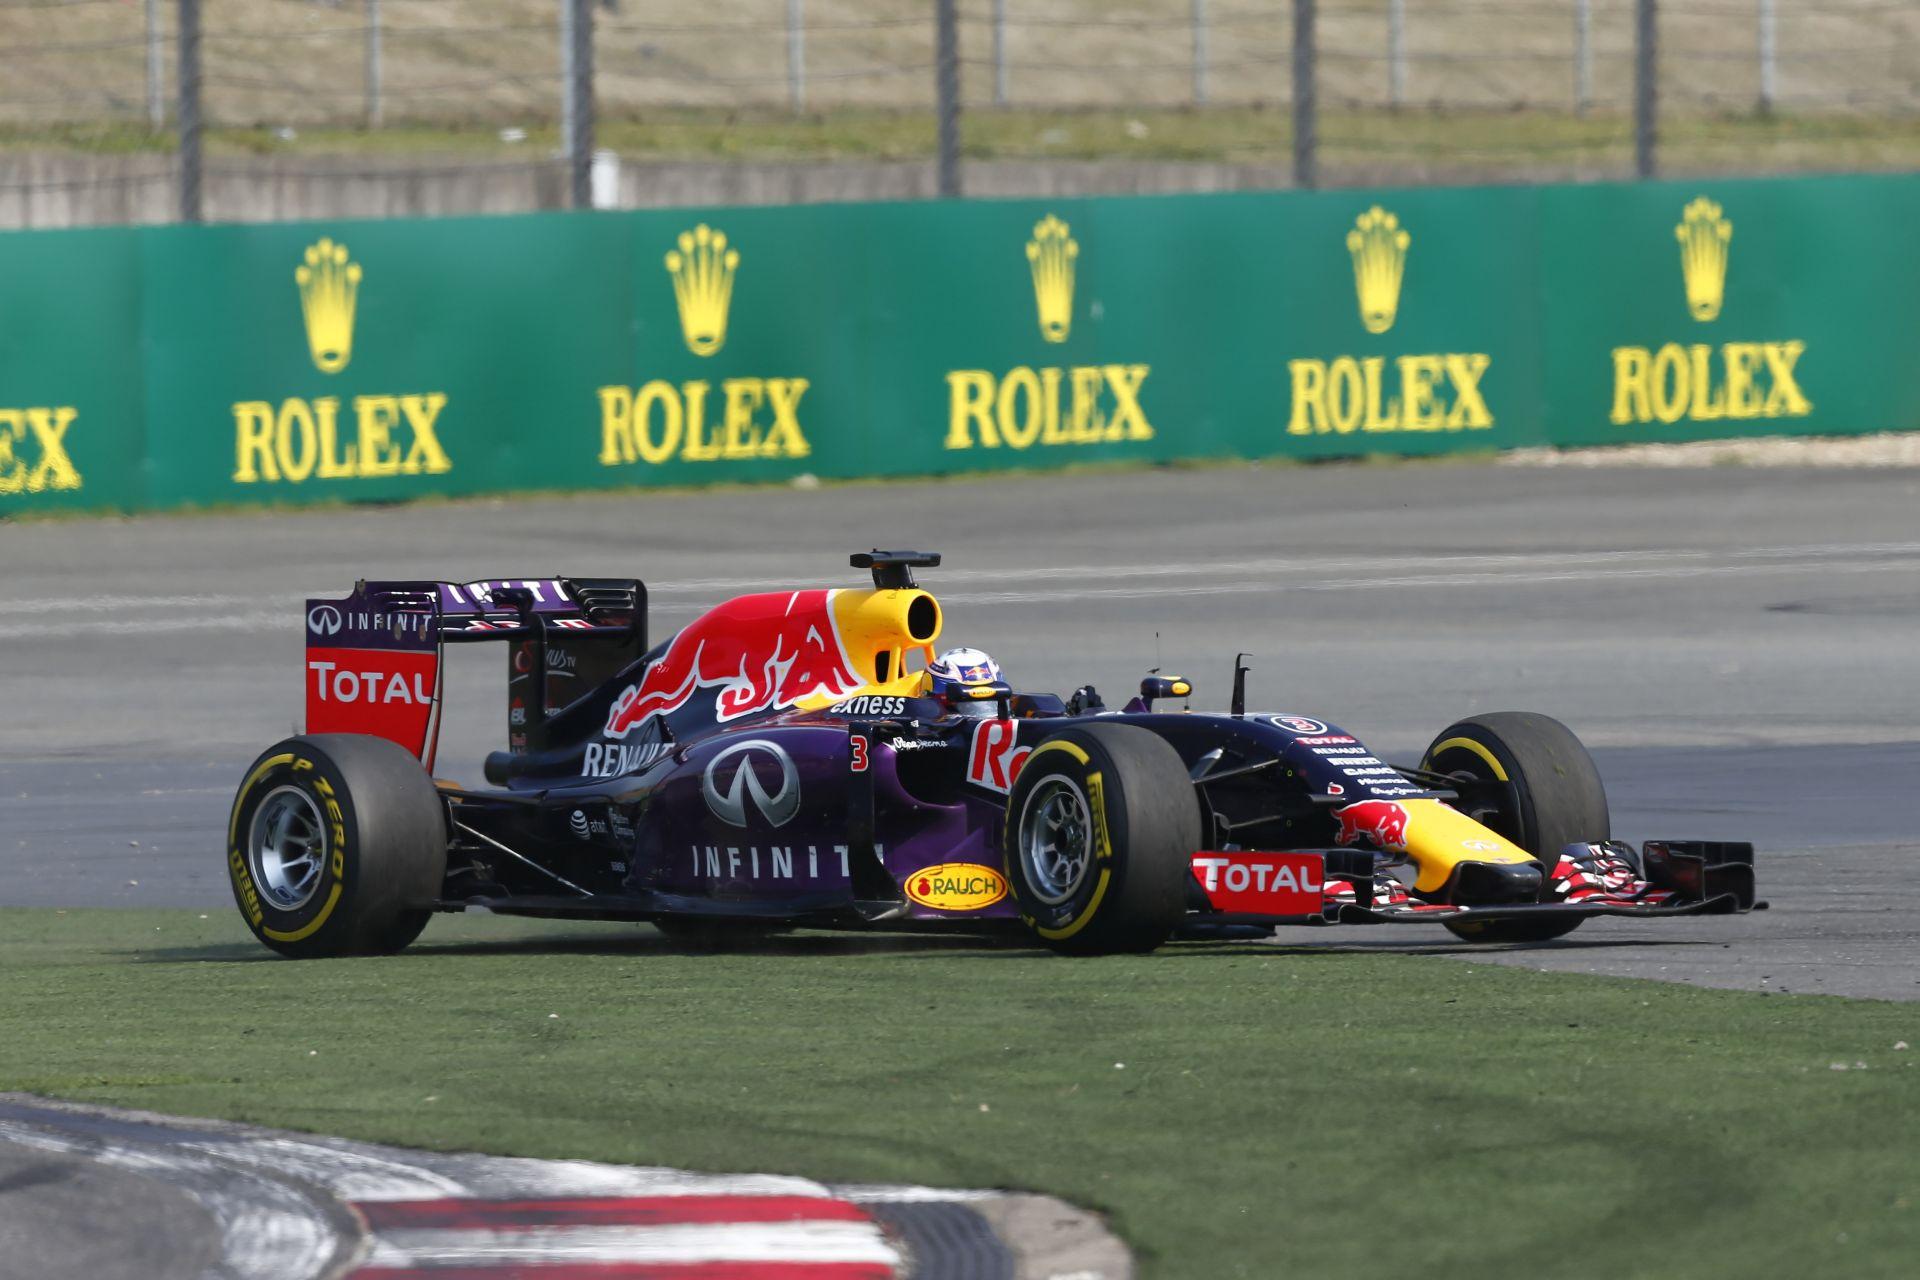 Talán soha nem rajtolt ilyen rosszul Ricciardo a Forma-1-ben: Videón a kínai startja